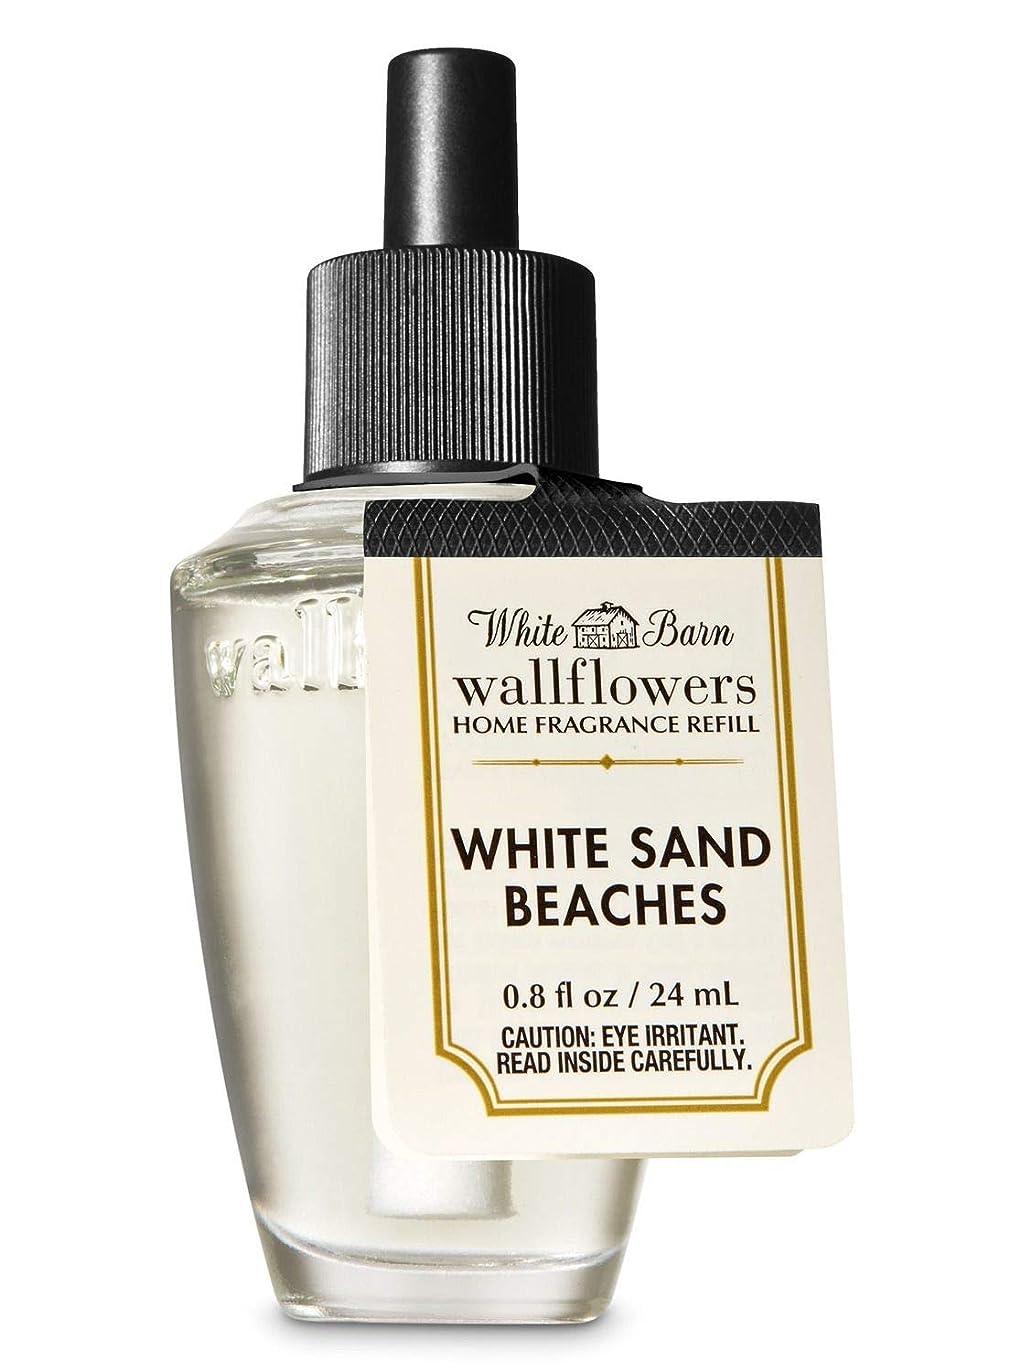 攻撃的対抗副産物【Bath&Body Works/バス&ボディワークス】 ルームフレグランス 詰替えリフィル ホワイトサンドビーチ Wallflowers Home Fragrance Refill White Sand Beaches [並行輸入品]